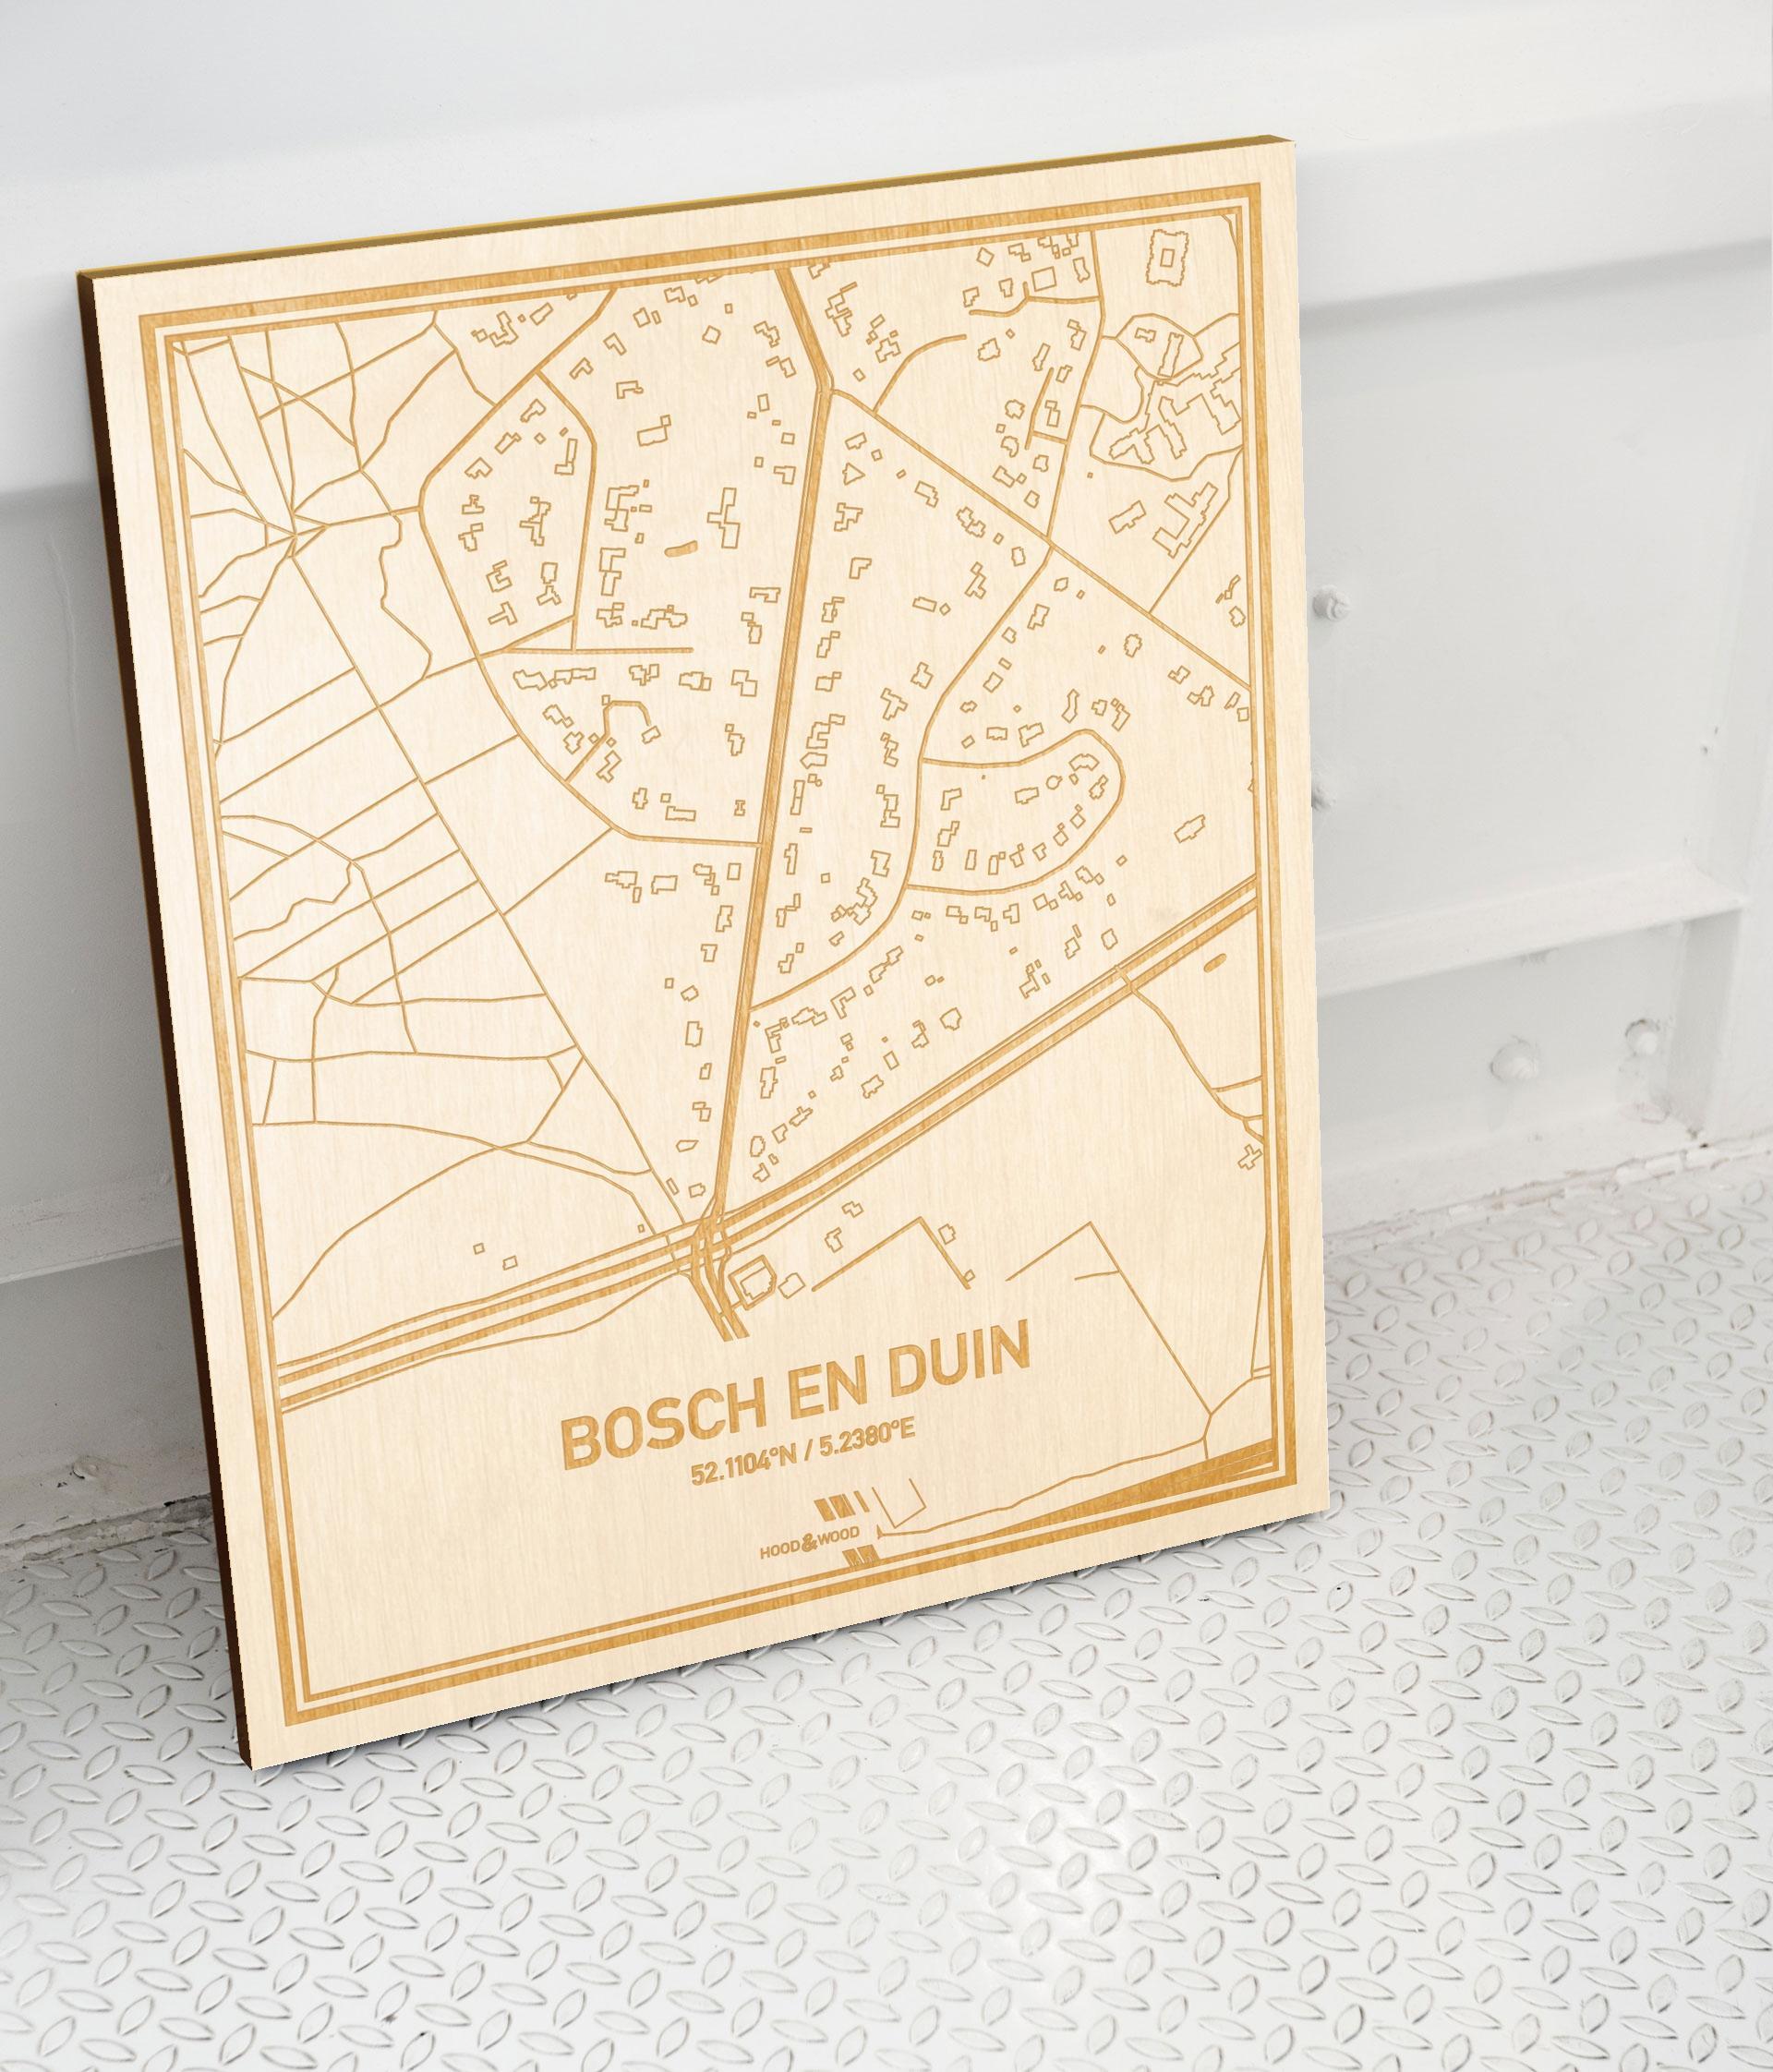 Plattegrond Bosch en Duin als prachtige houten wanddecoratie. Het warme hout contrasteert mooi met de witte muur.